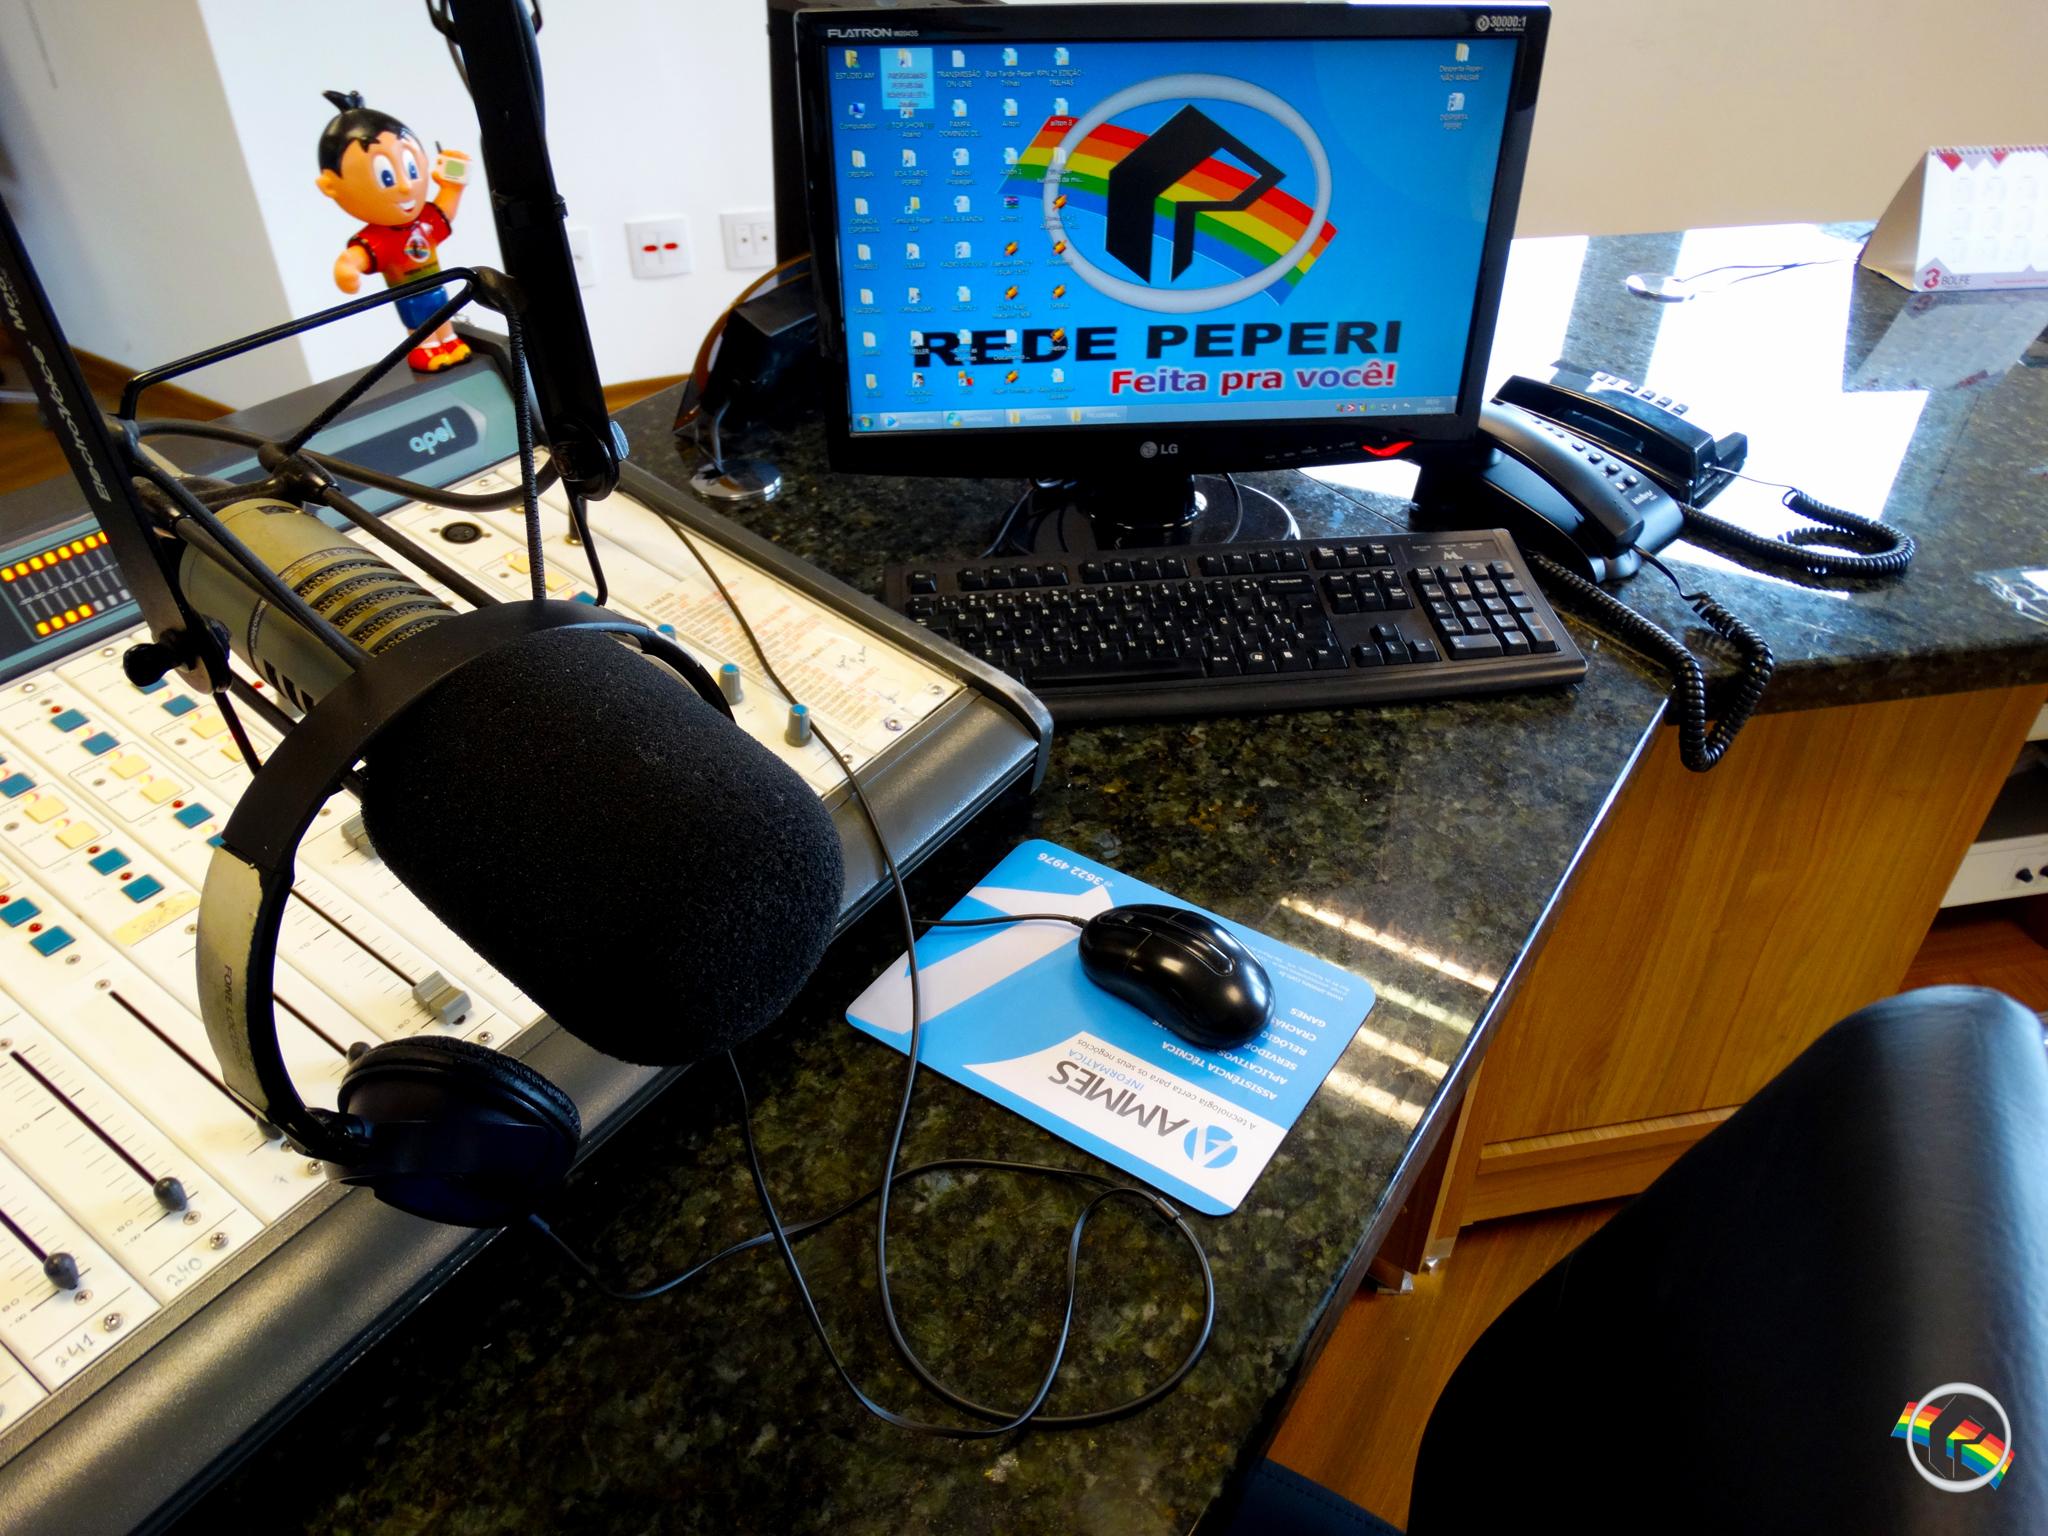 Rádio continua liderando entre todas as plataformas de áudio